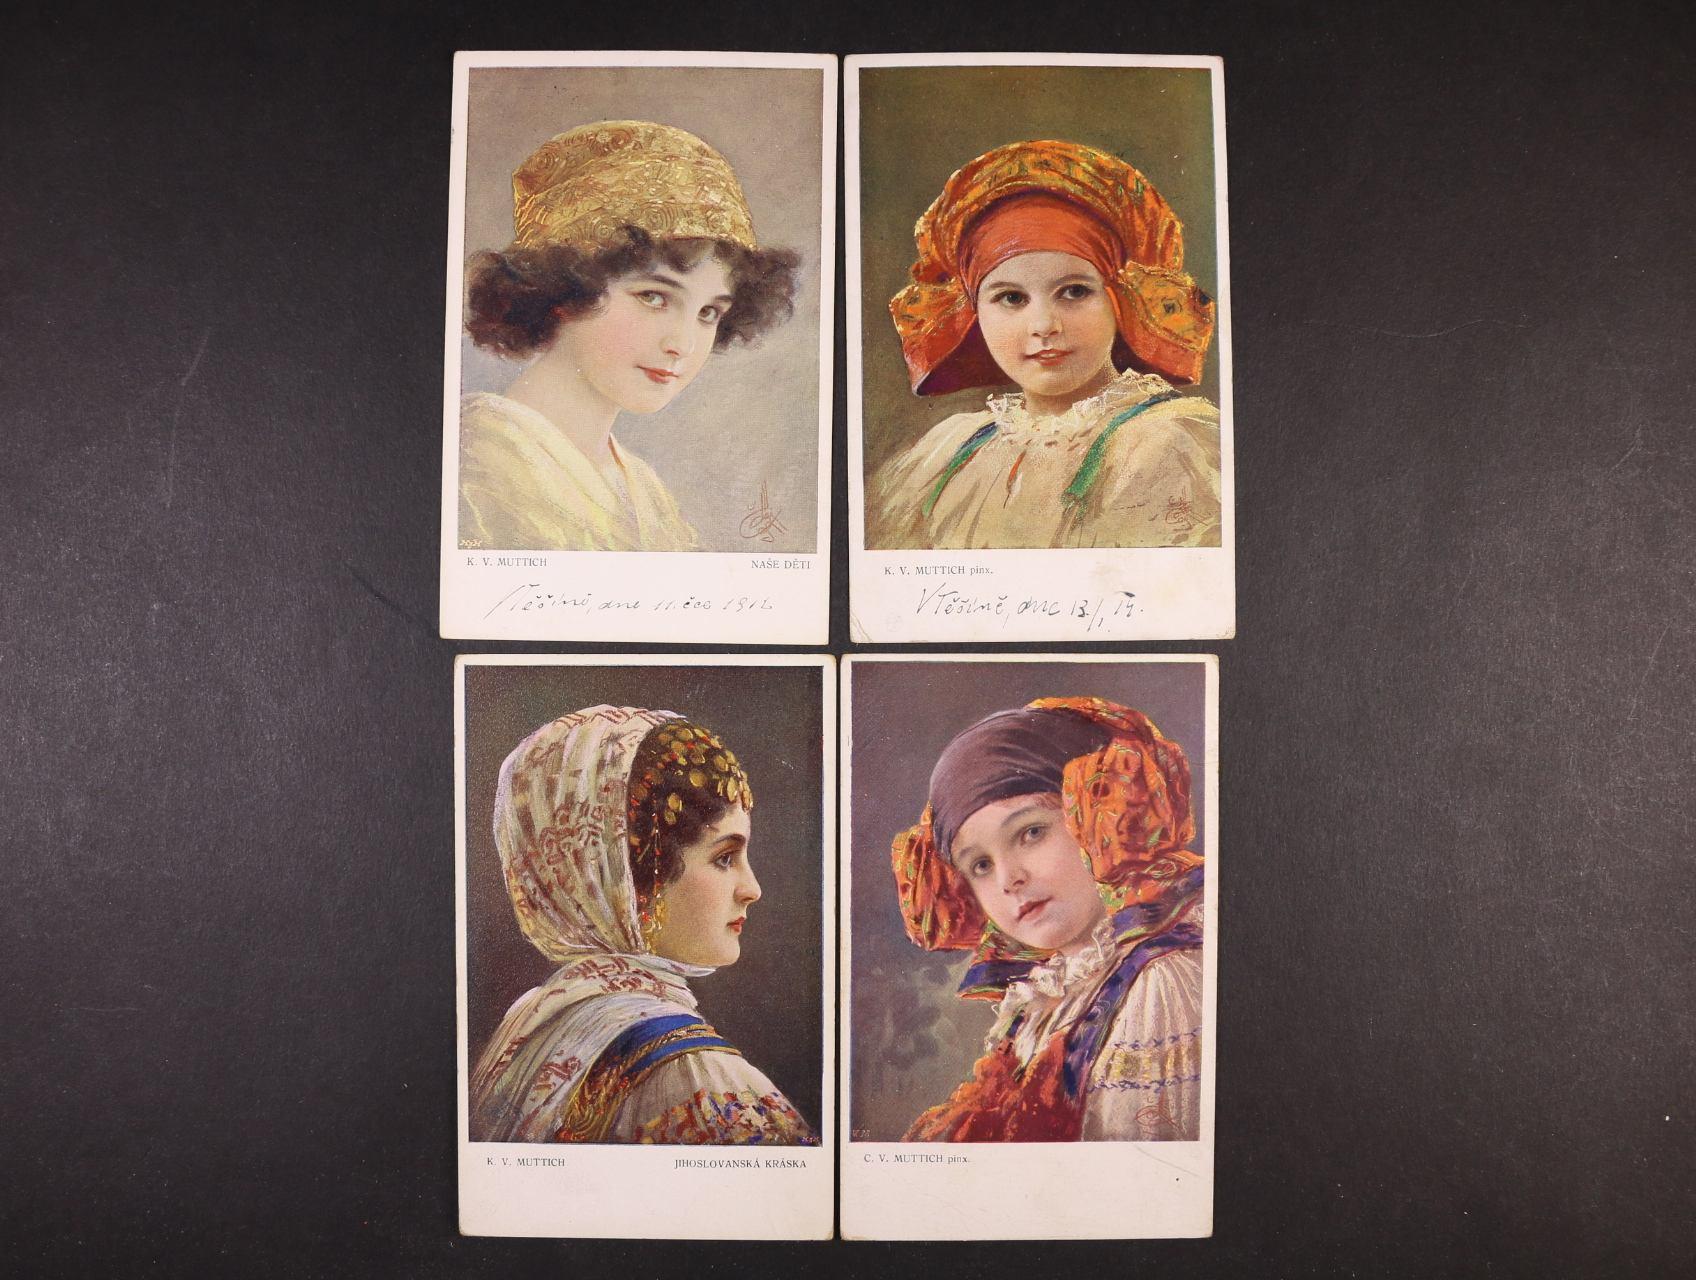 Umělecké - sestava 76 ks bar. i jednobar. pohlednic, mj. Mutich, Mánes ..., použité v letech 1910 - 1930, zajímavé, uloženo v bílém šanonu